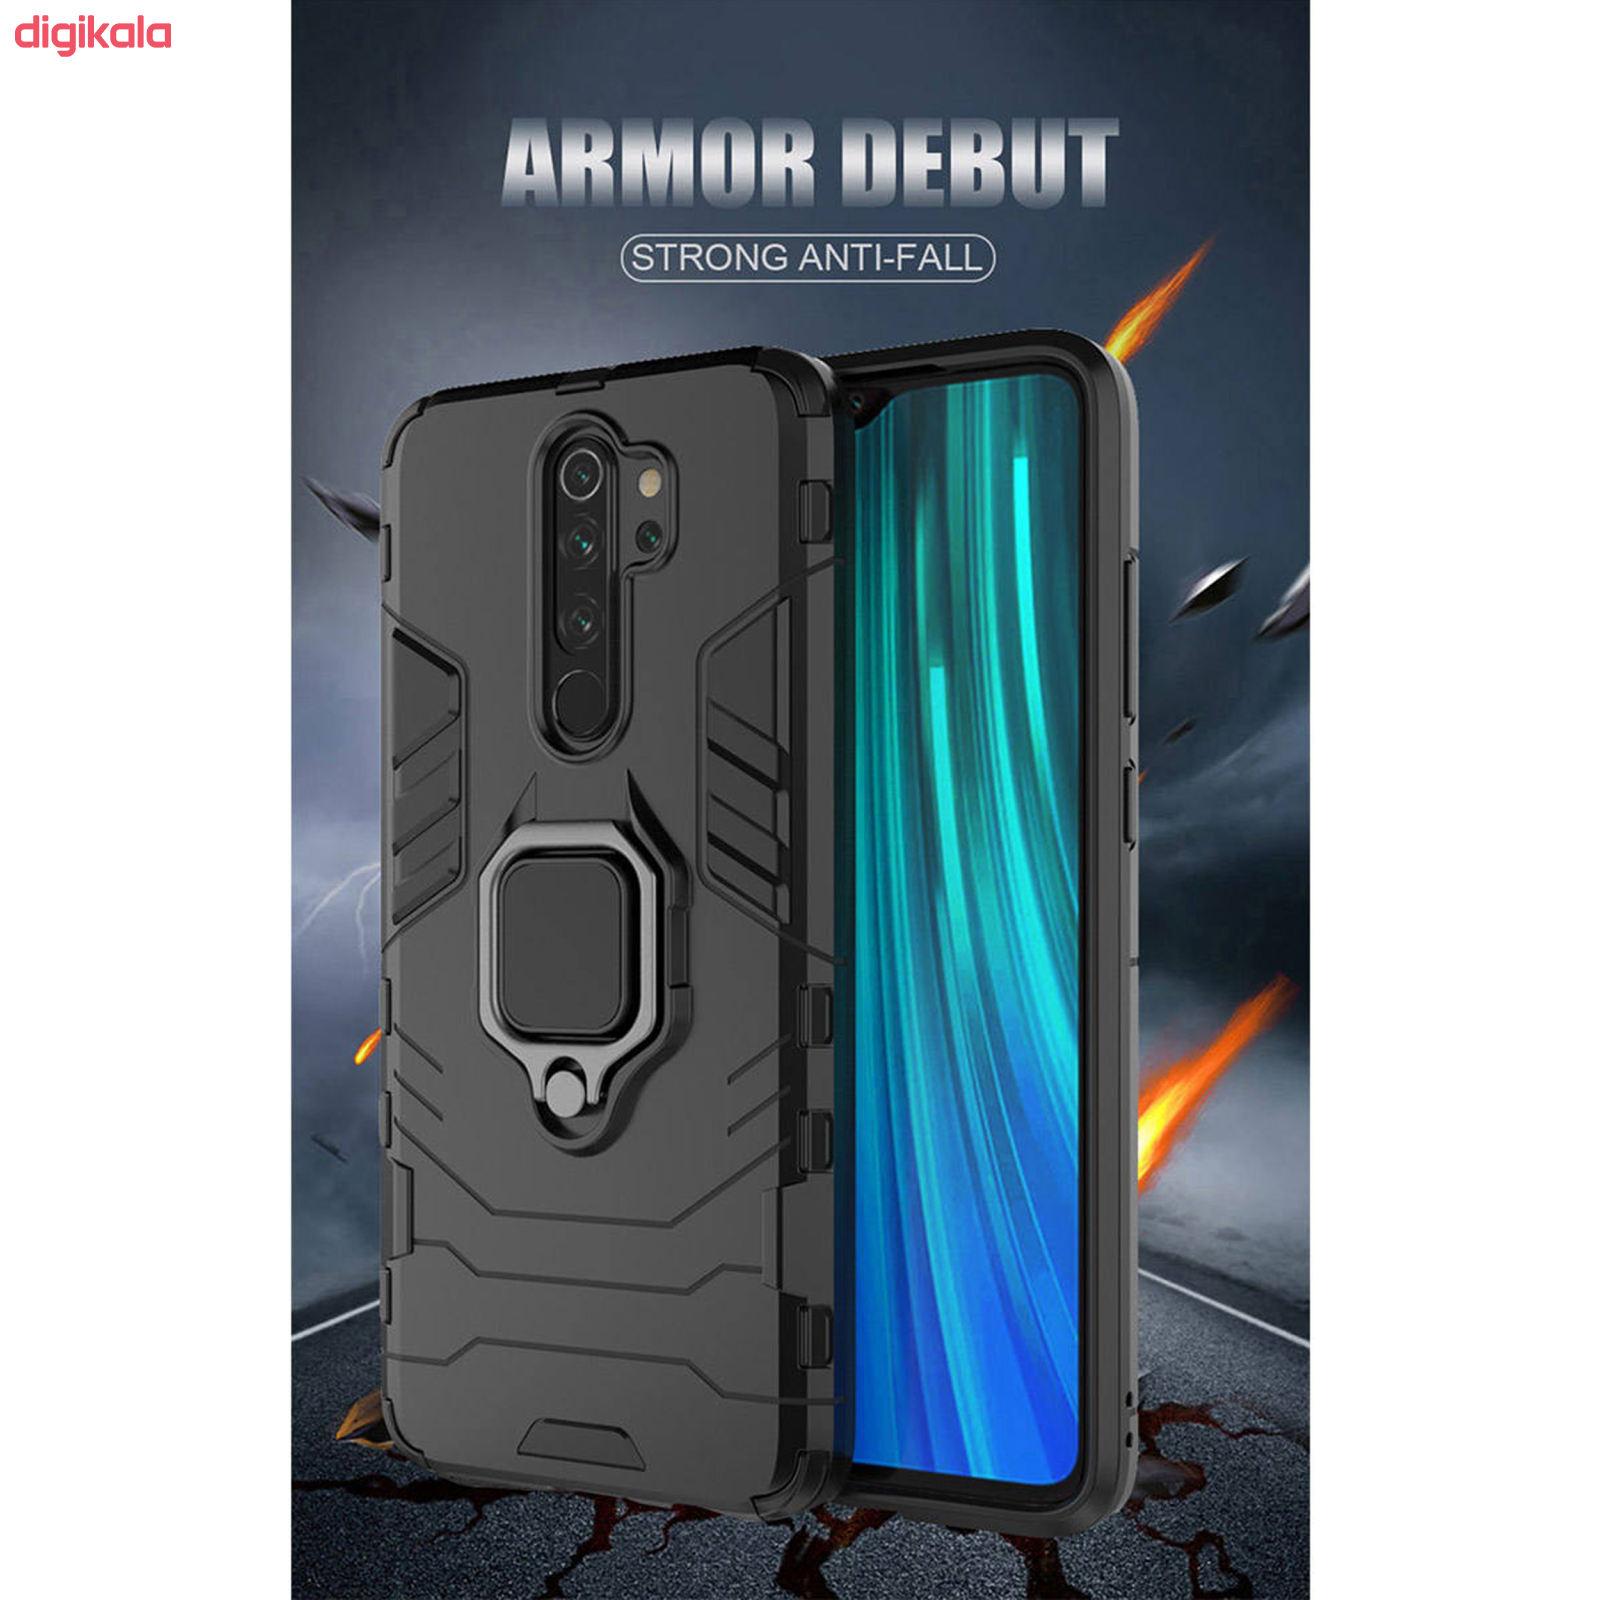 کاور کماندو مدل ASH21 مناسب برای گوشی موبایل شیائومی Redmi Note 8 Pro main 1 11